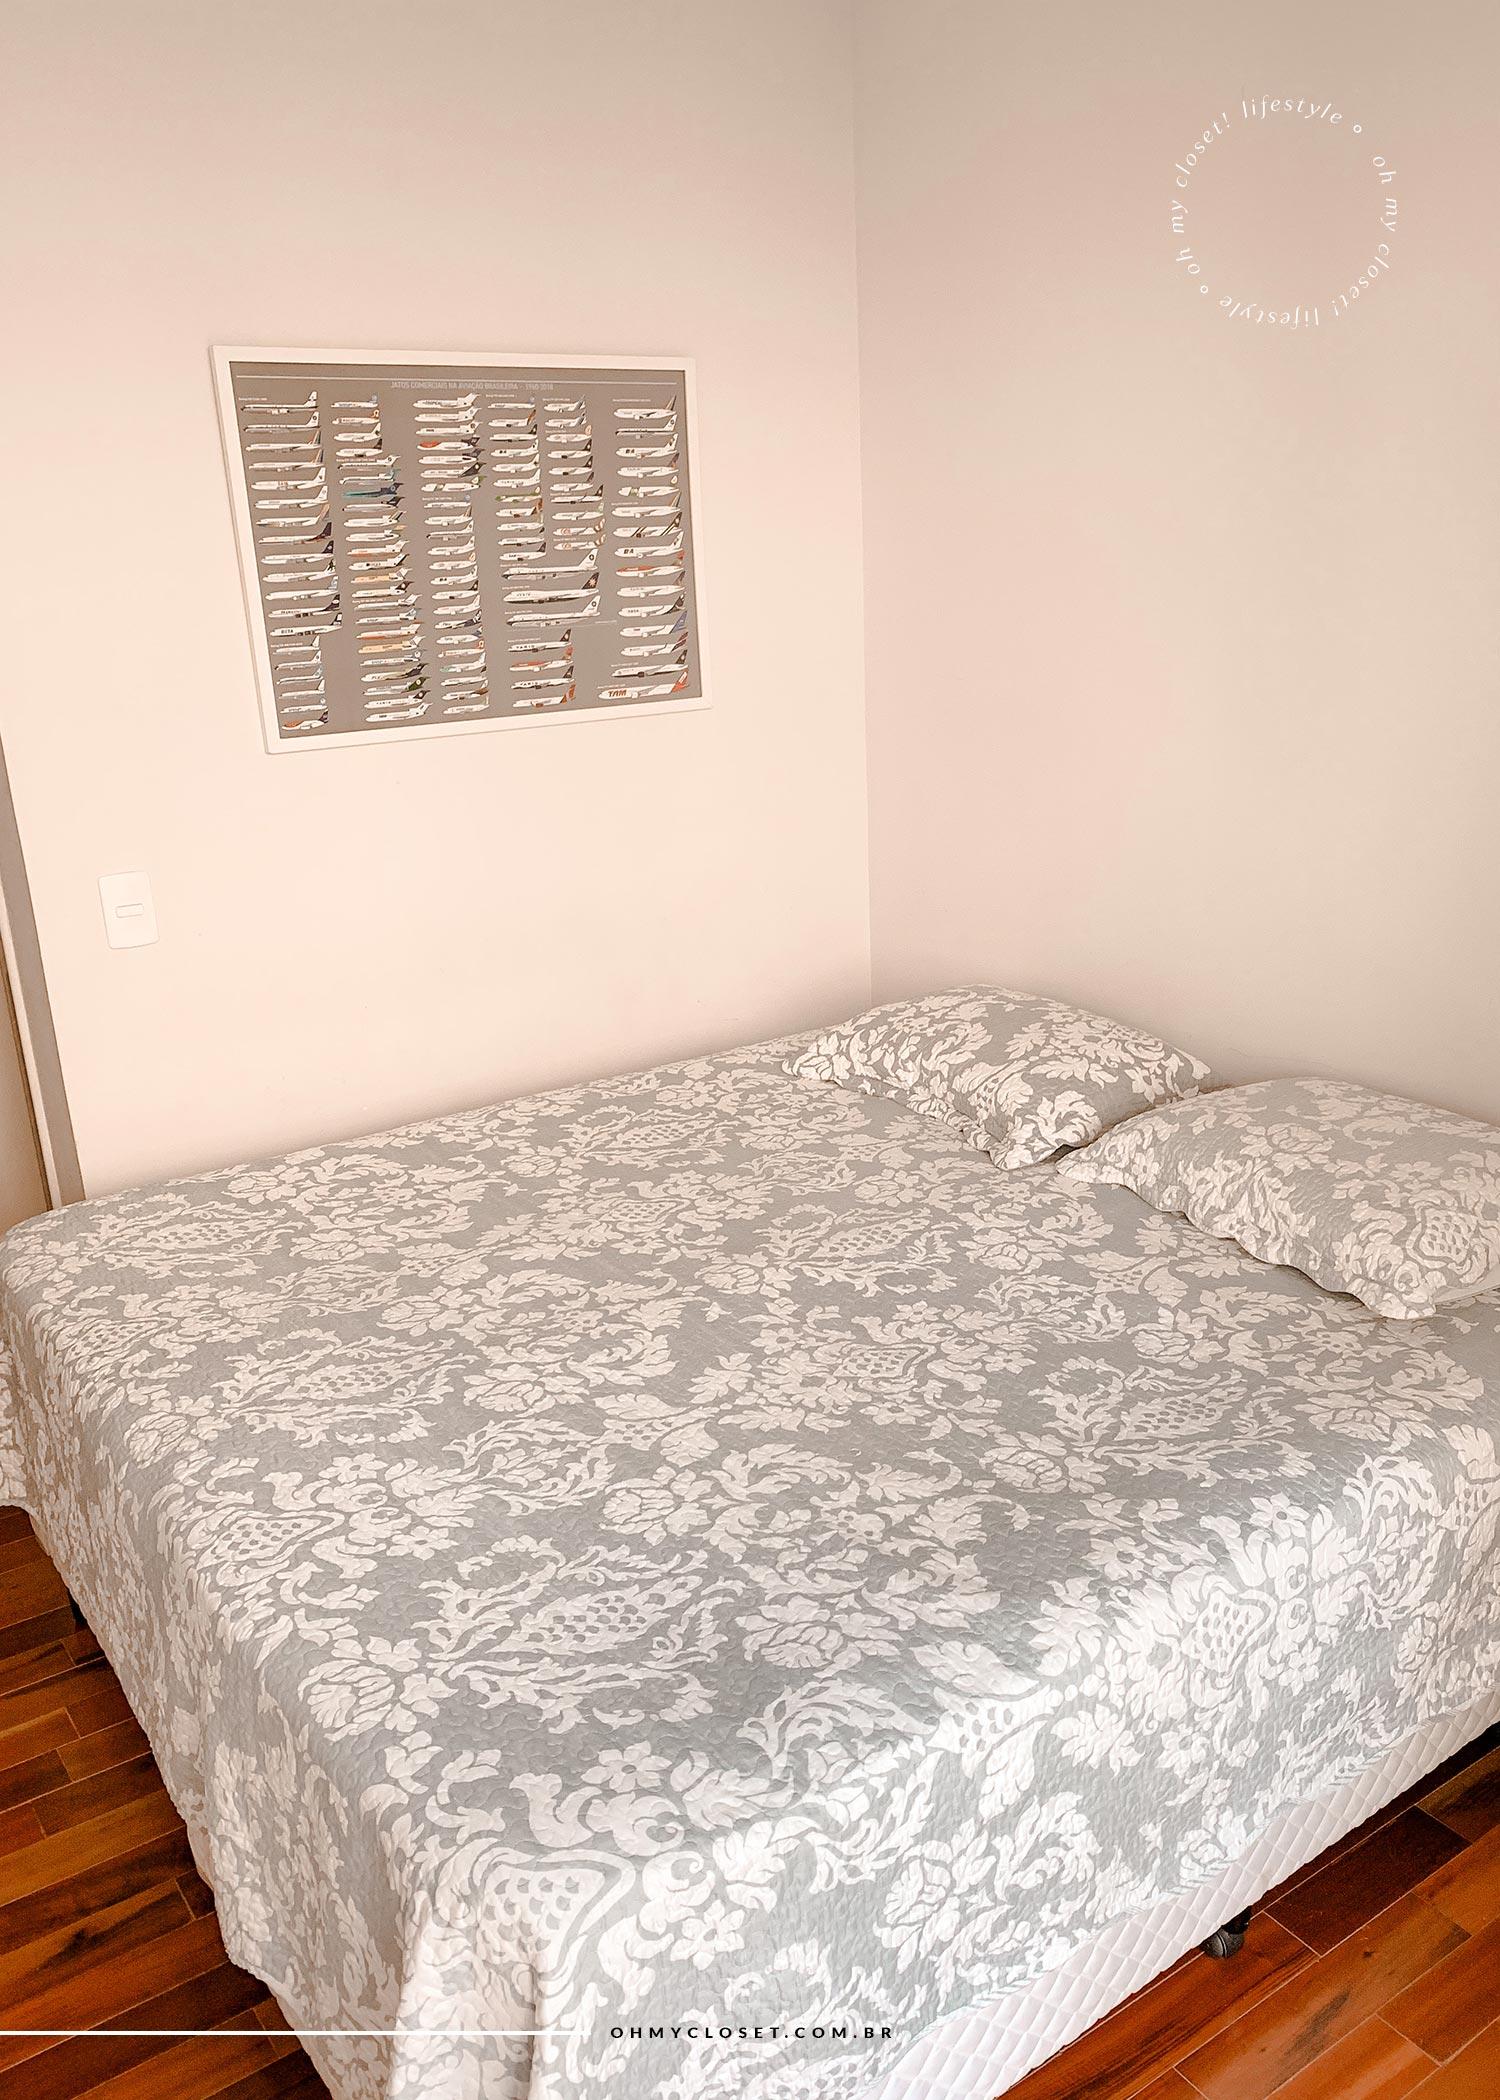 Cama quarto 1 apartamento Campos do Jordão